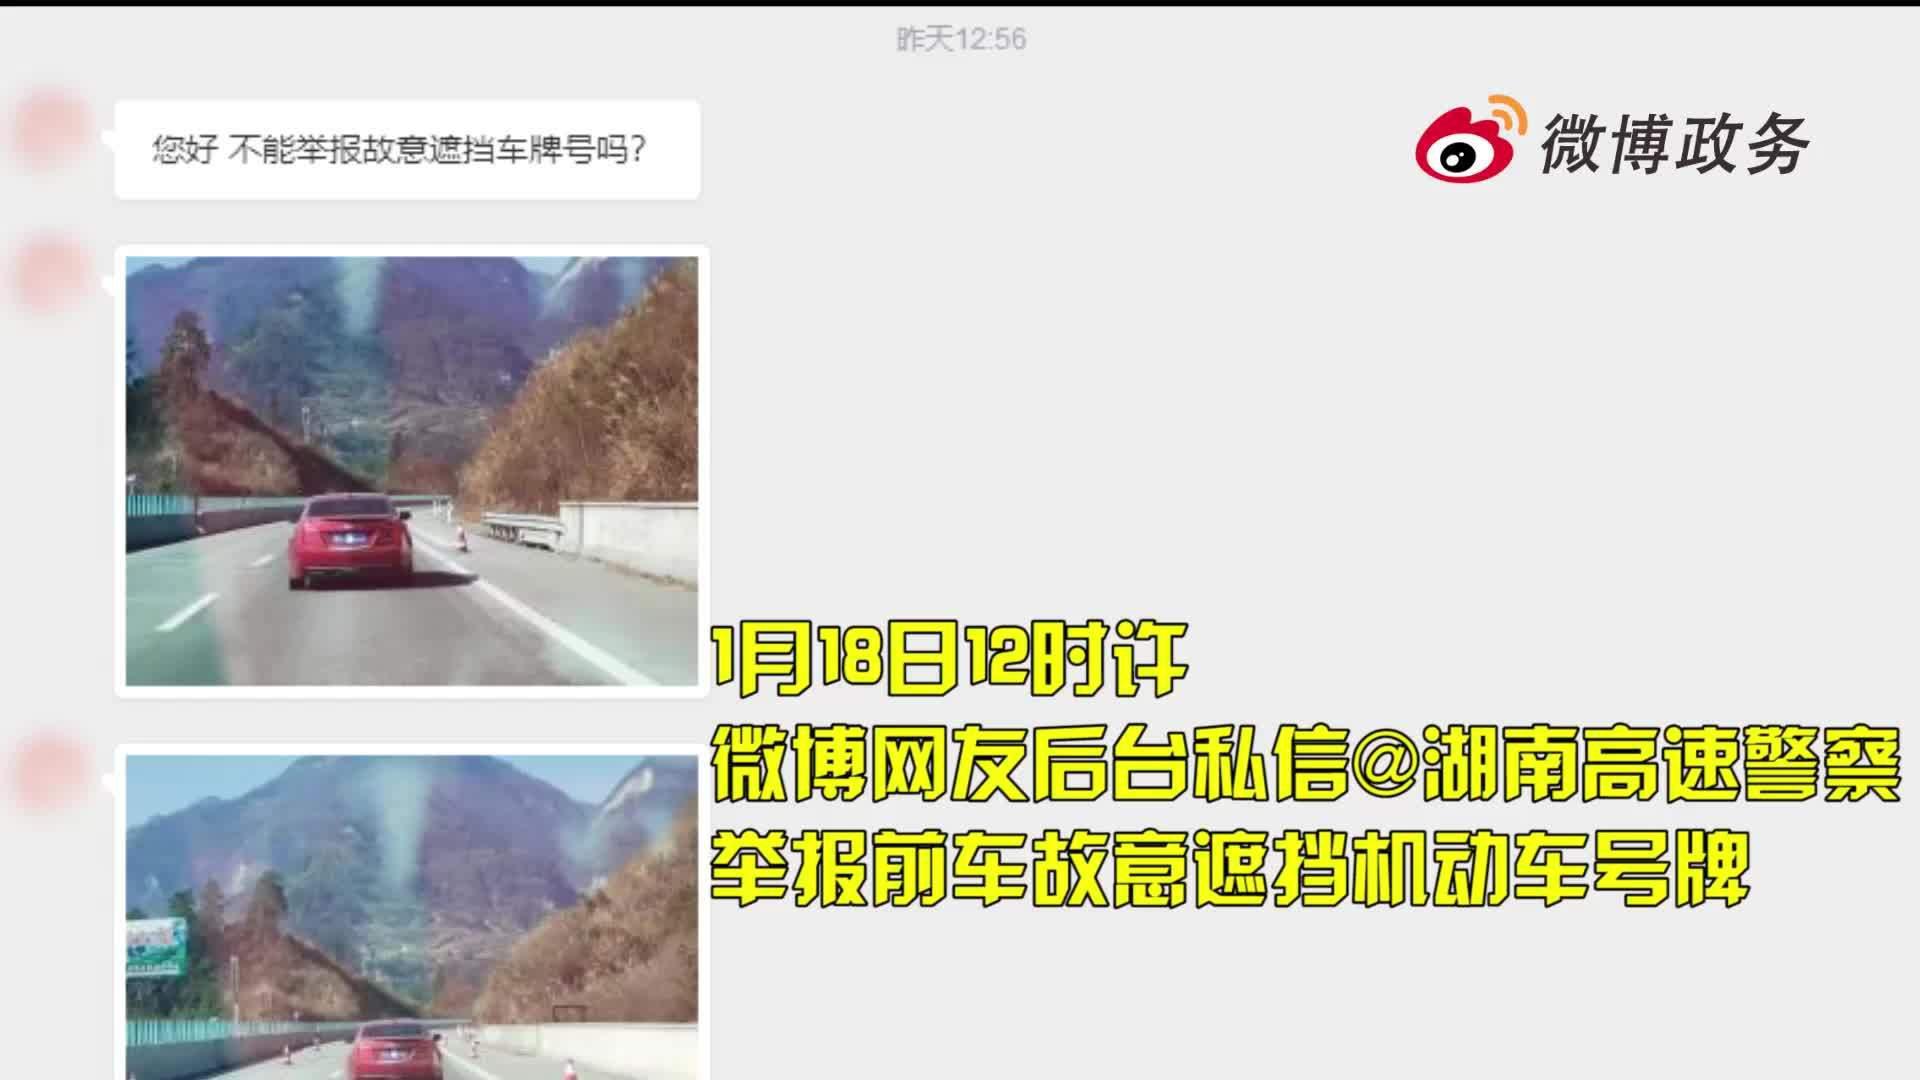 微博网友举报小车遮挡机动车号牌,@湖南高速警察 两级联动30分钟内查处